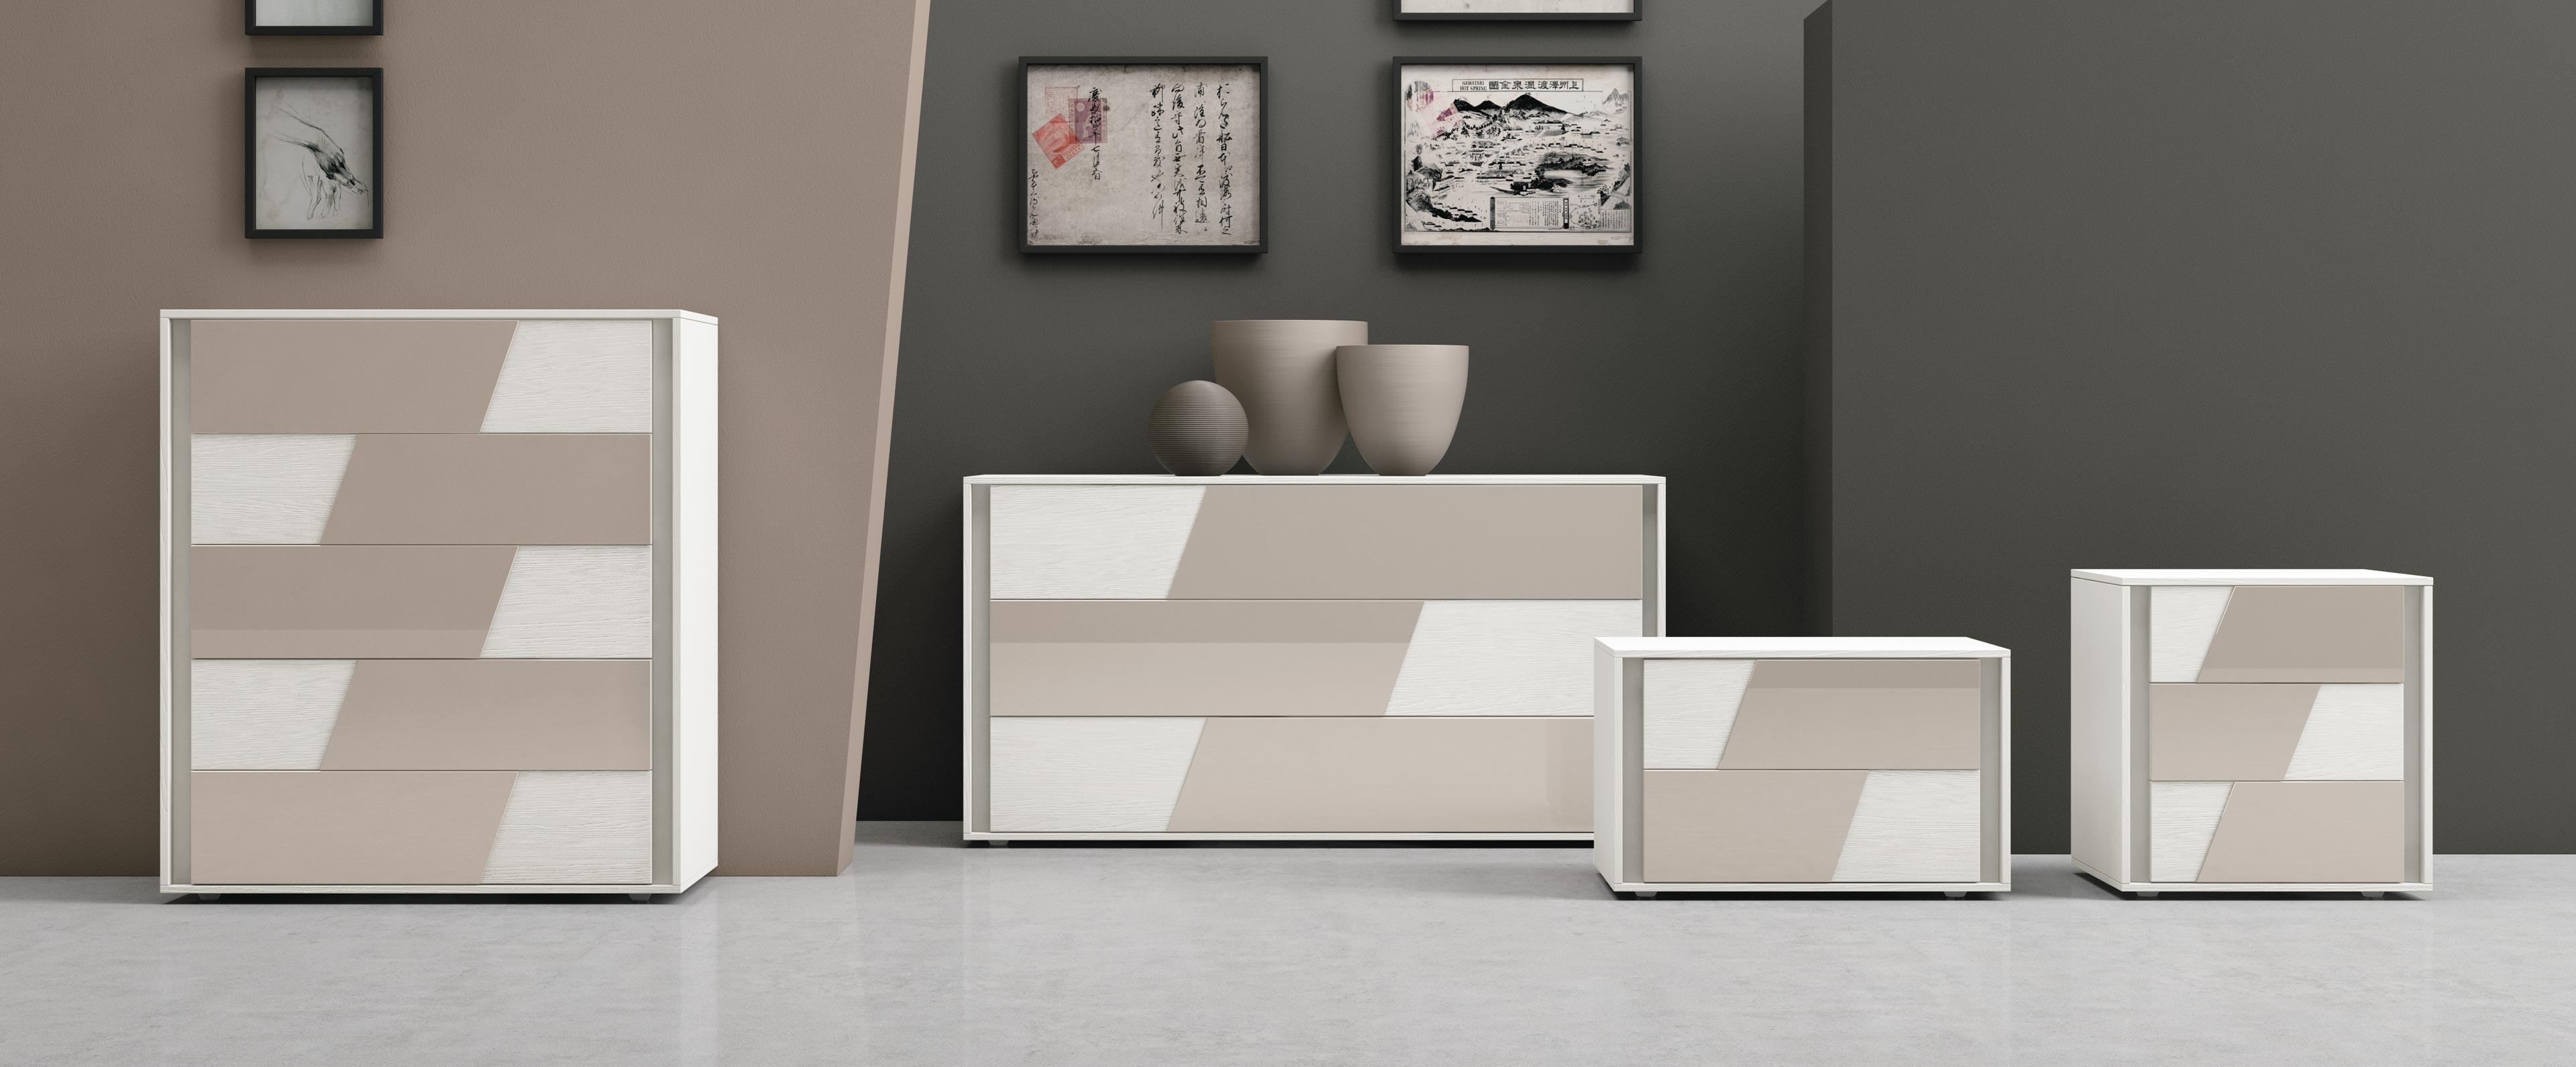 Mobili contenitori per la camera da letto kross franzese for Mobili per camera